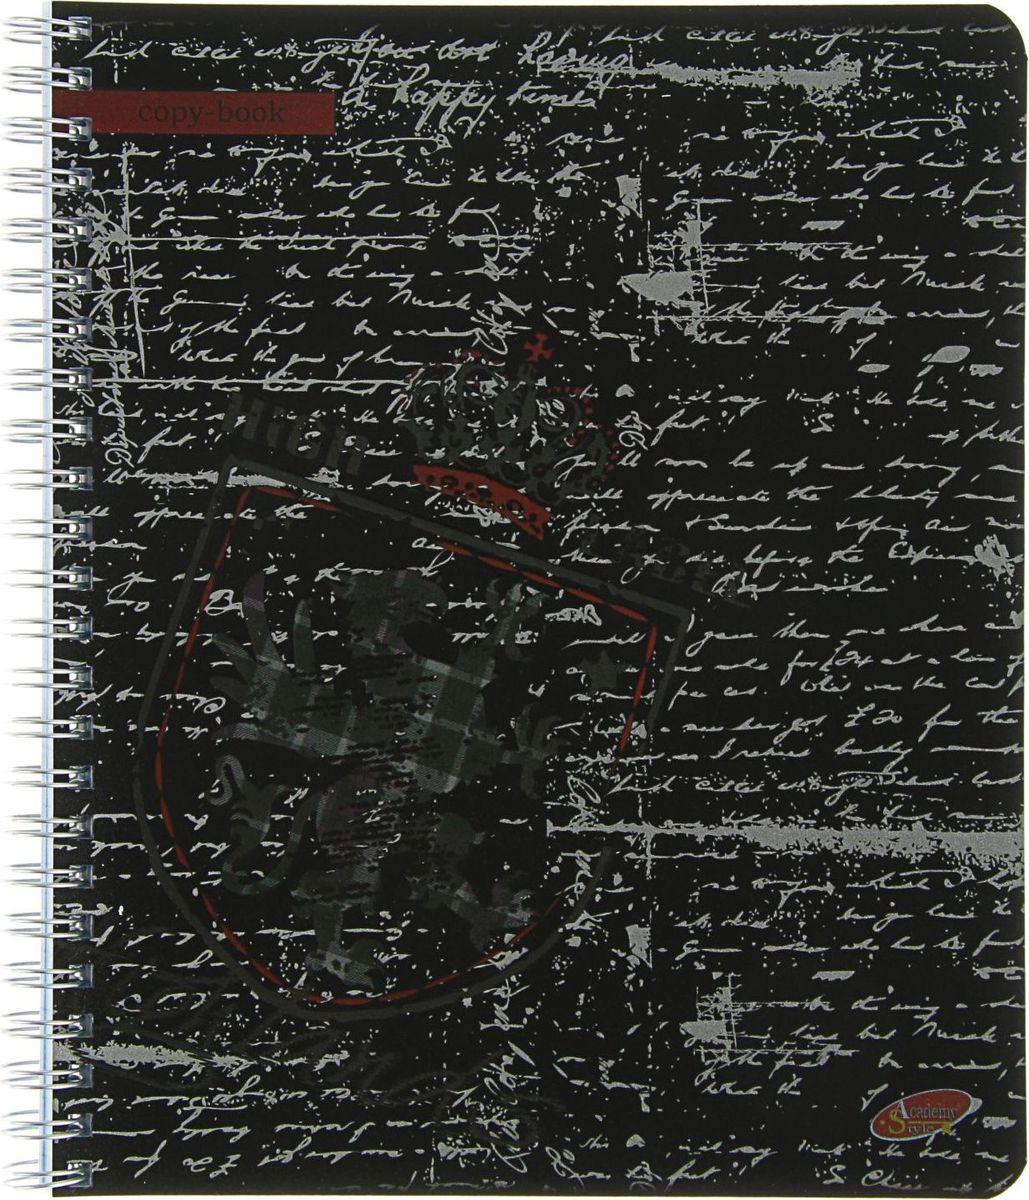 Green Island Тетрадь Геральдика 96 листов в клетку2228666